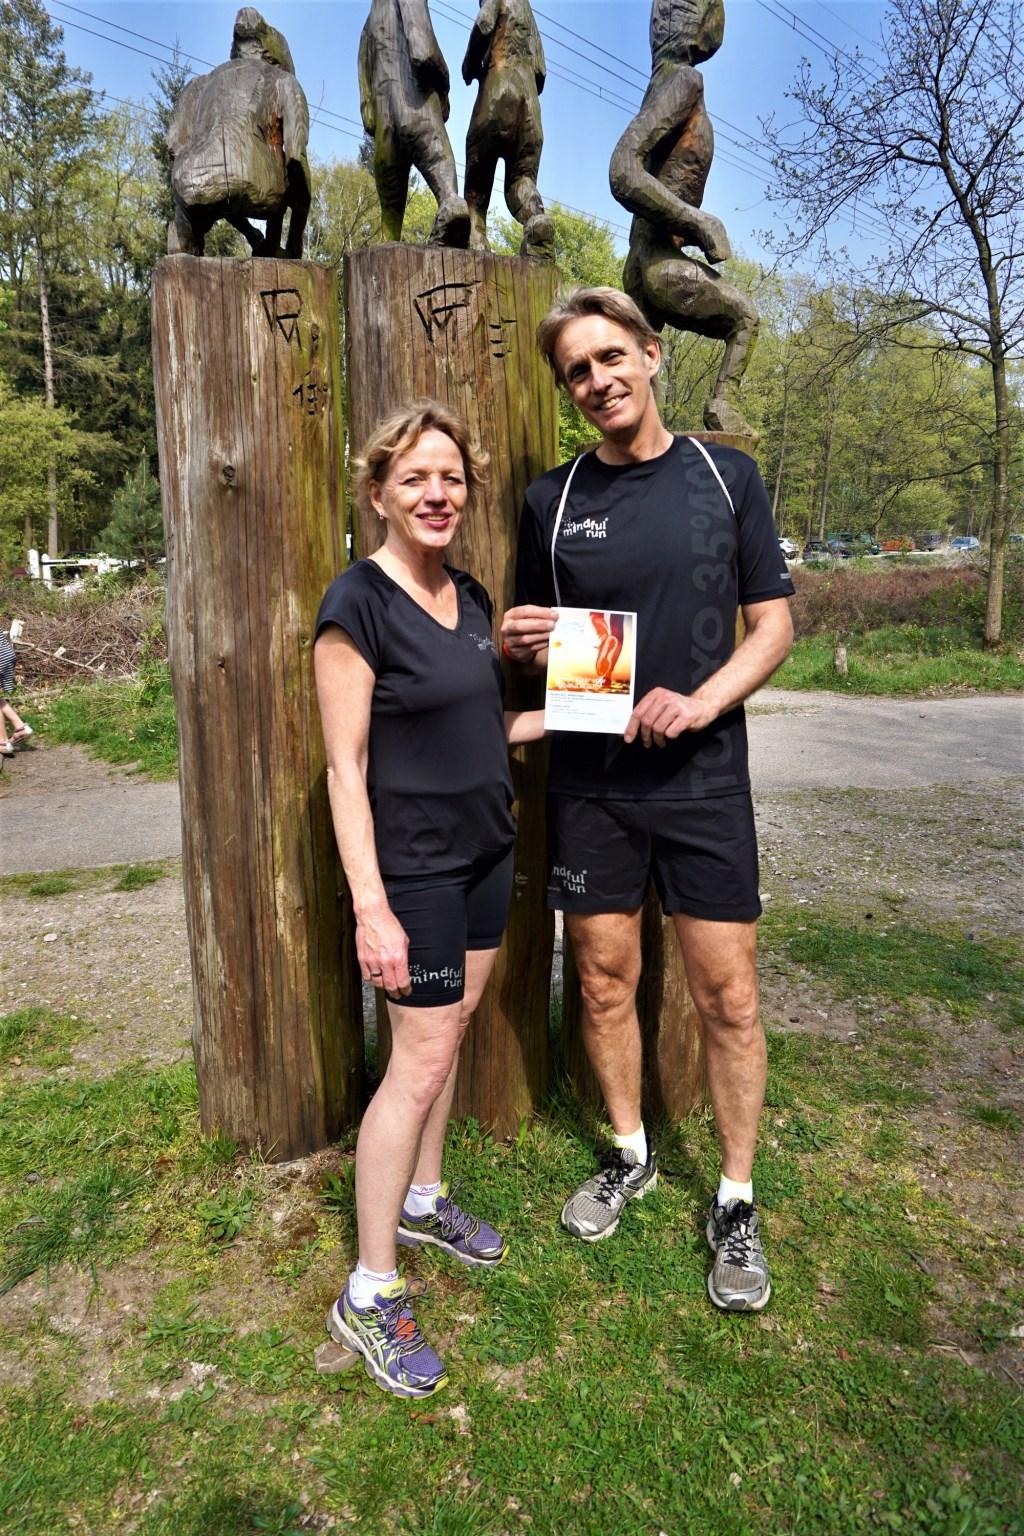 De Mindful Run instructeurs Jolanda de Bruin en Dennis Leemeijer. Foto: Jakob Schuiringa